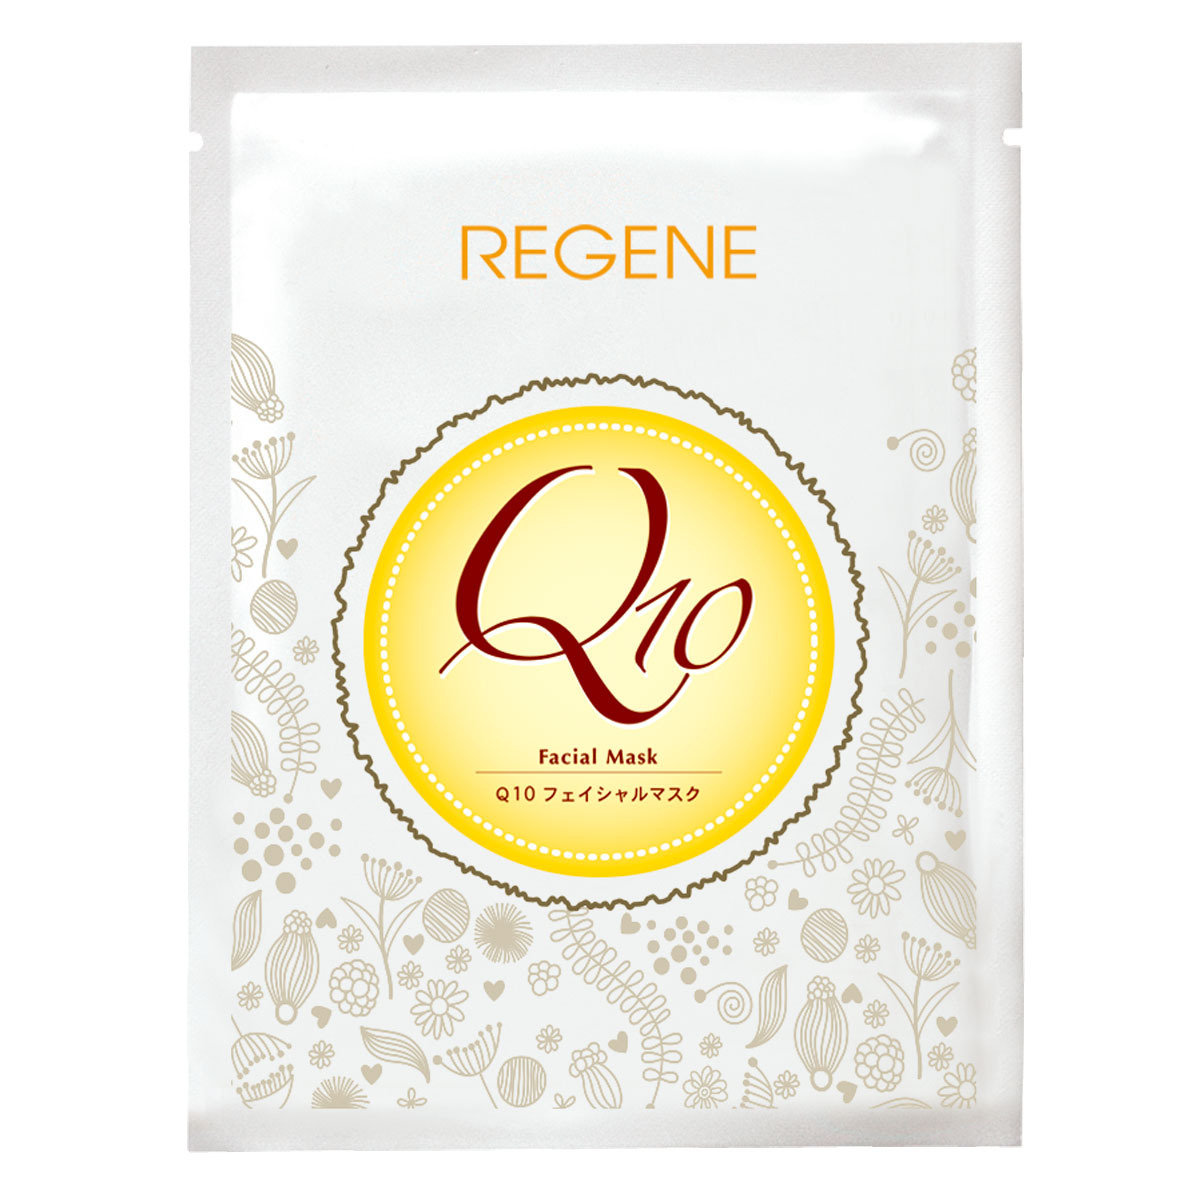 Q10面膜